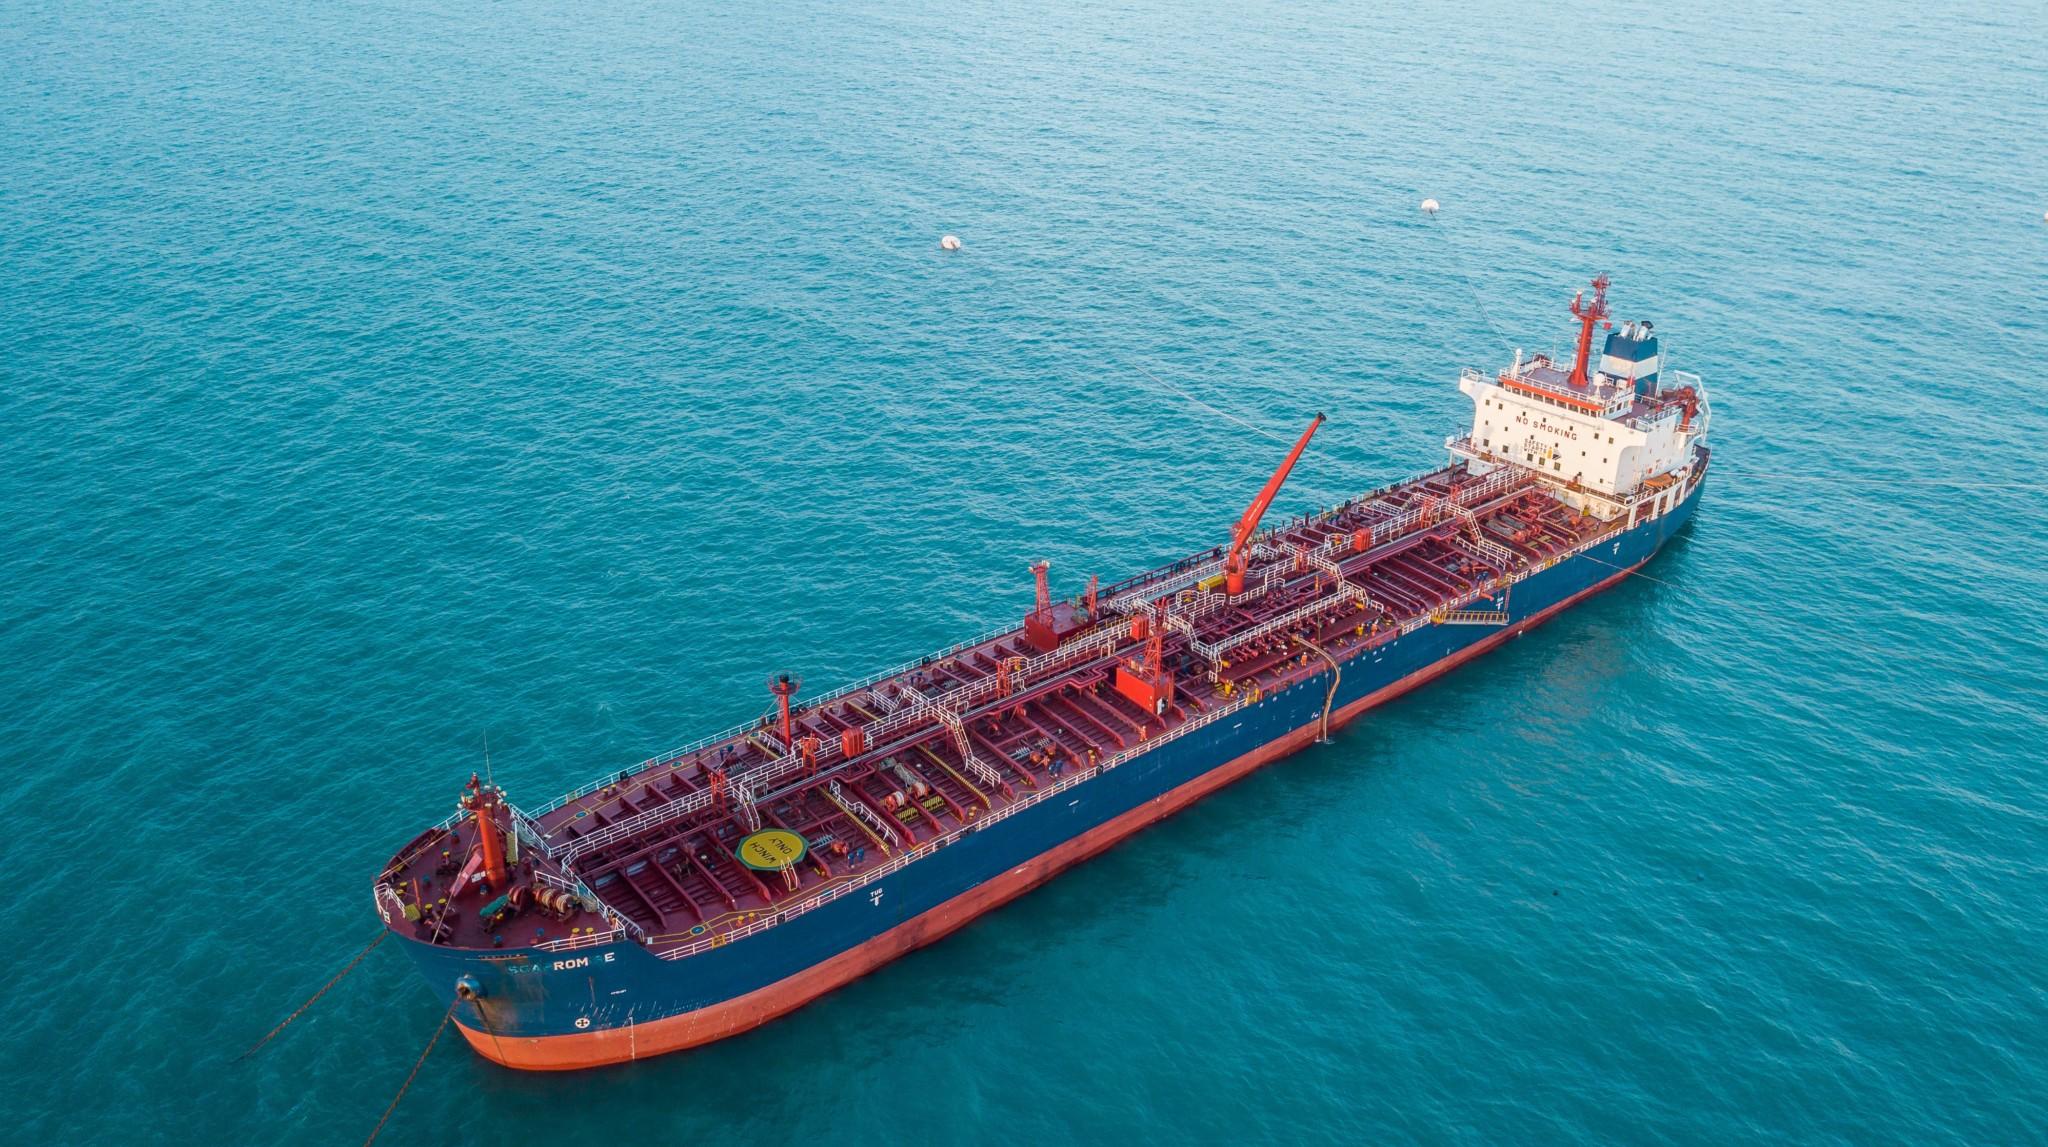 Les cours du petrole en baisse en raison de la guerre commerciale sino-americaine